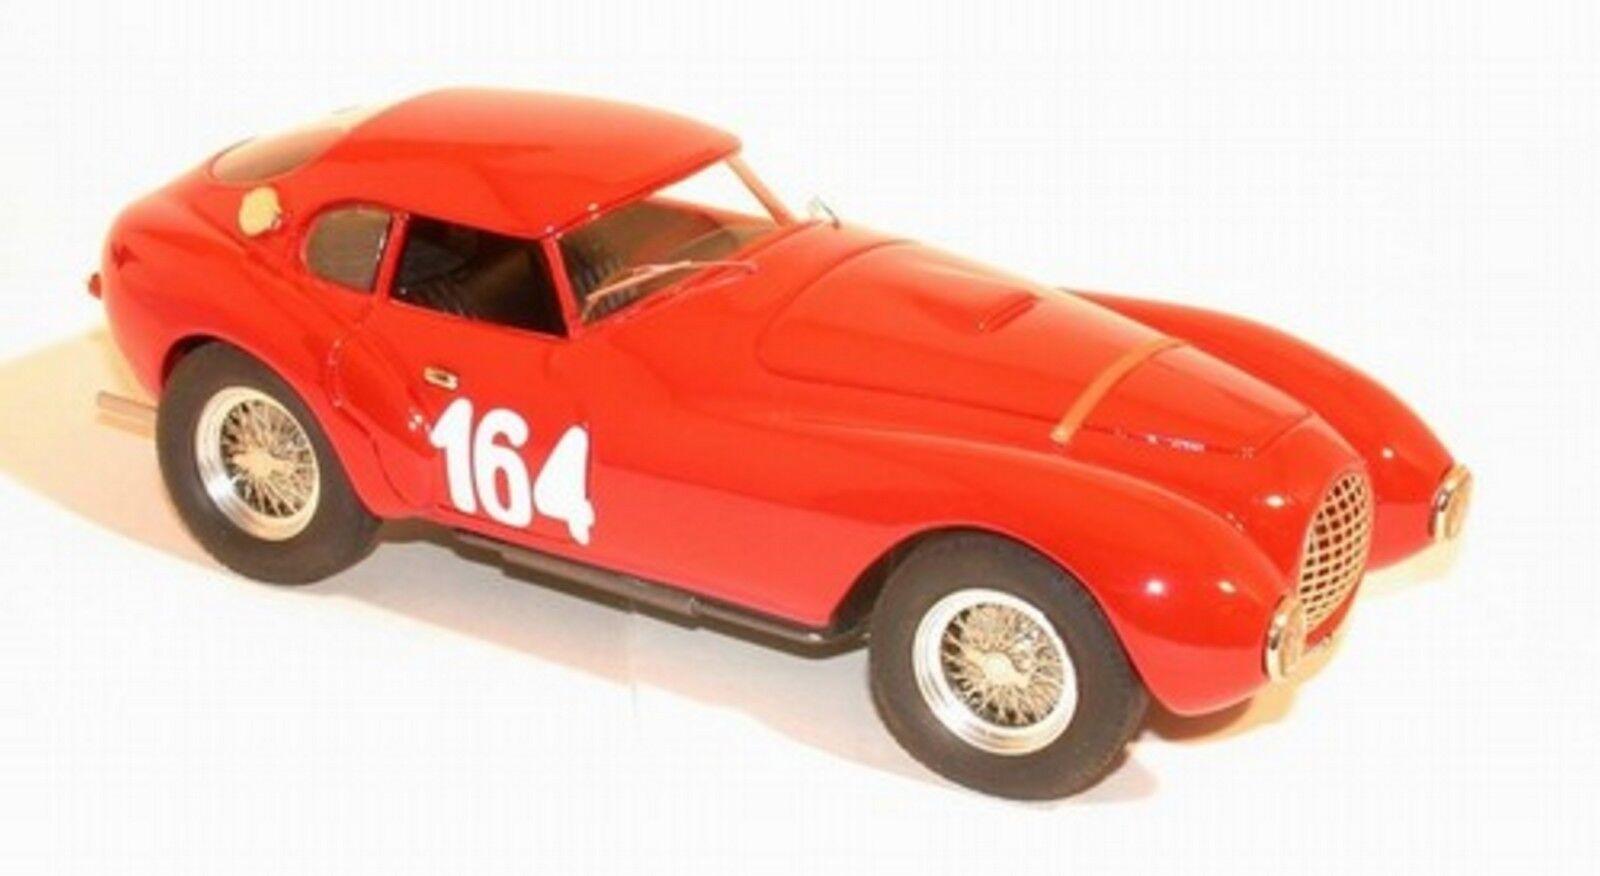 kit Ferrari 212 Uovo  164 Trento-Bondone 1952 - Tron Models kit 1 24